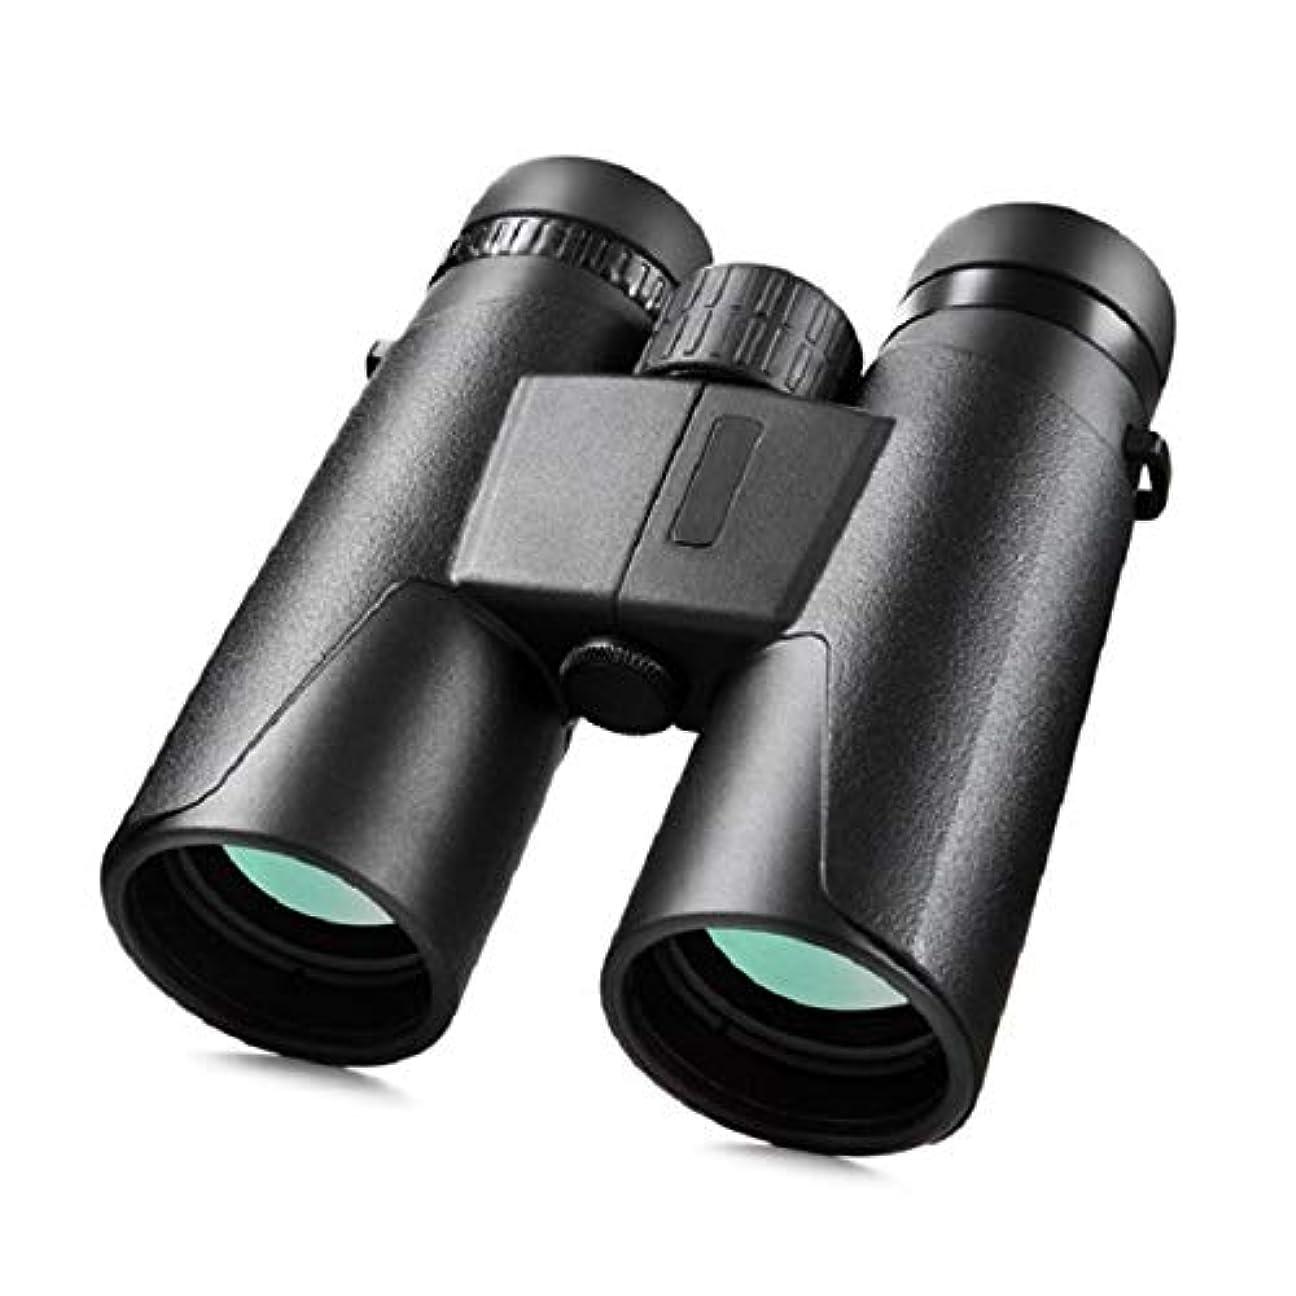 落胆したピニオン憤るコンパクト双眼鏡 - 大人のためのハイパワー双眼鏡 - ルーフプリズム双眼鏡 - バードウォッチングのための防水/防曇 - プロの双眼鏡 - HD旅行/Stargazing/狩猟/コンサート - 望遠鏡、10 X 42